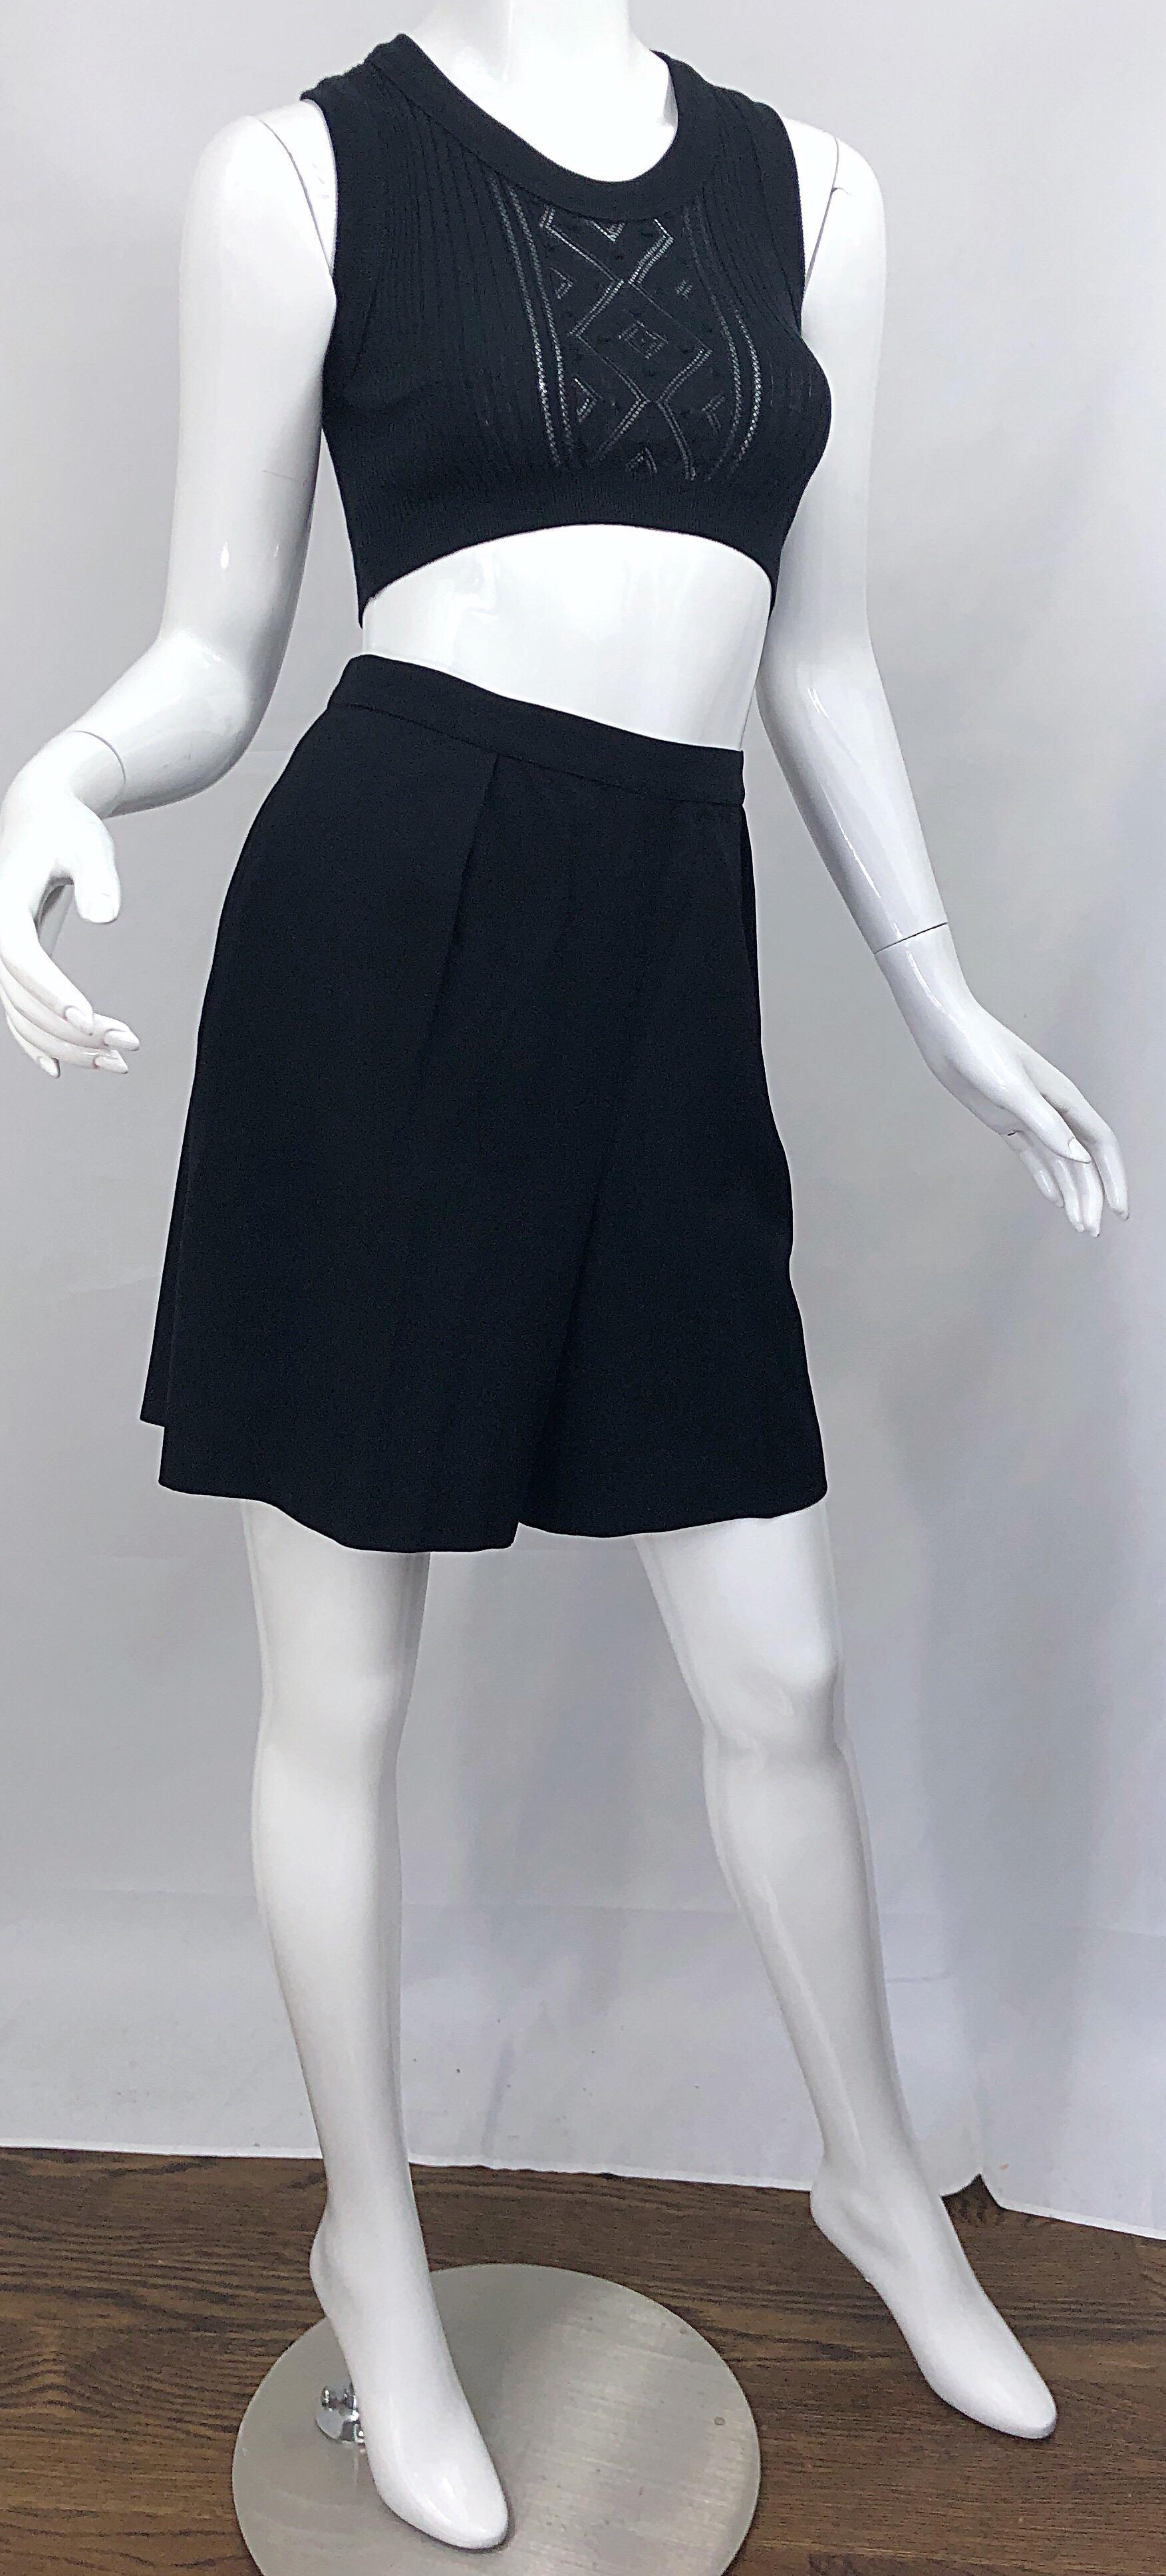 55c7ac772c0d6 90s Chanel Black Dress – Little Black Dress   Black Lace Bridesmaid ...